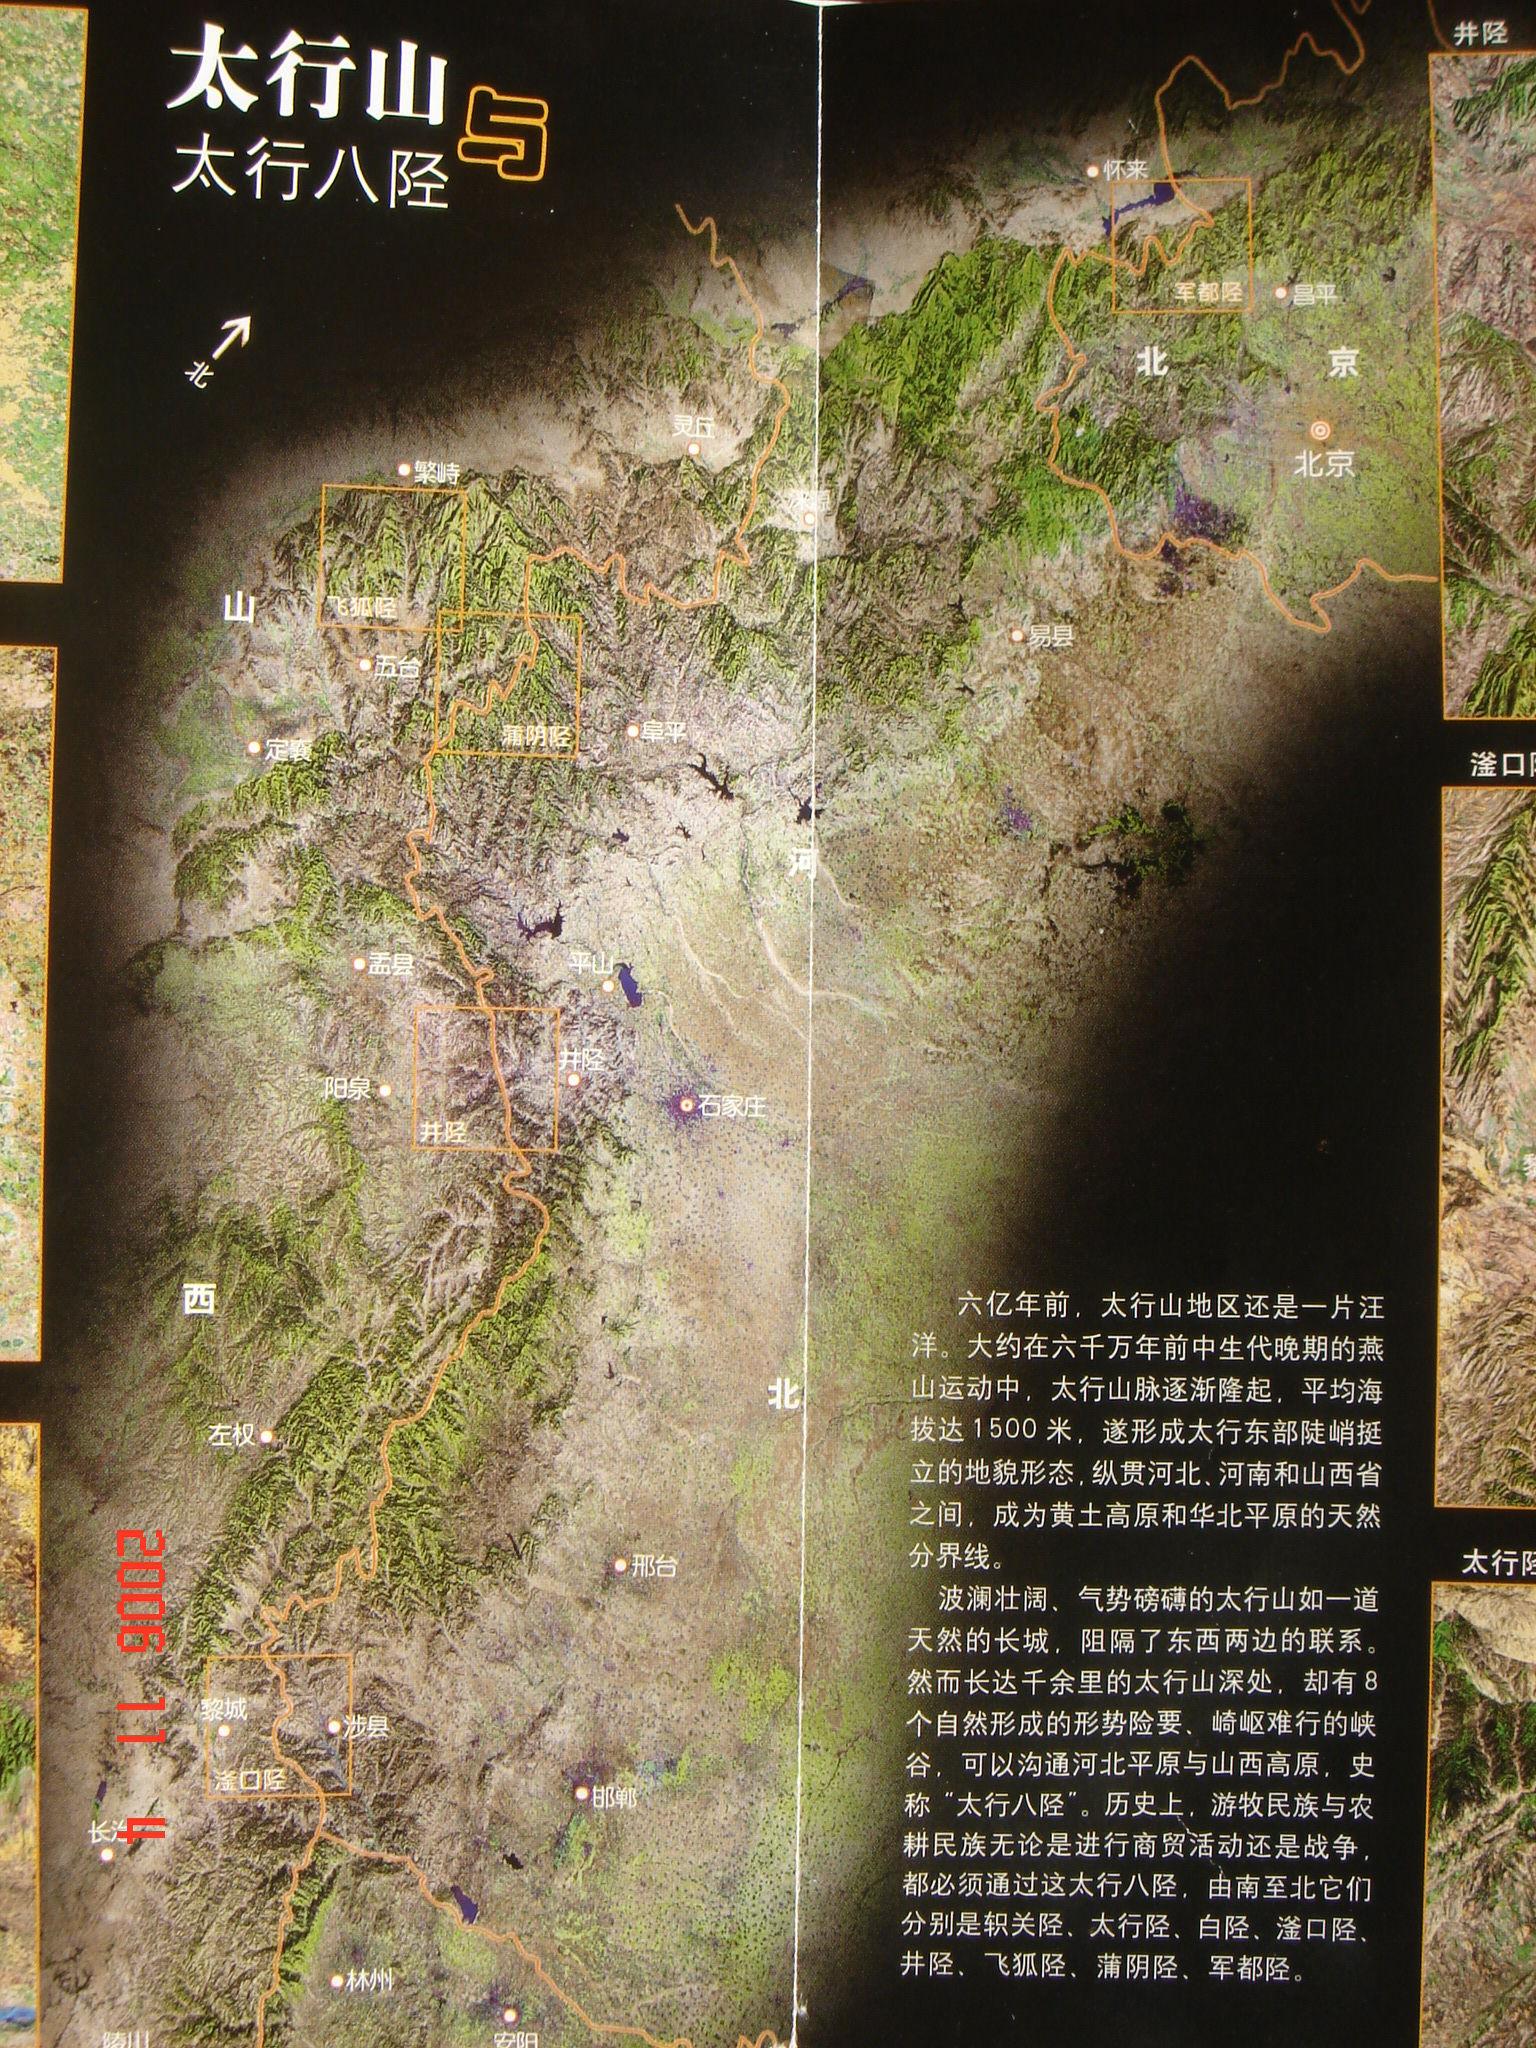 太行山北侧地形区名称